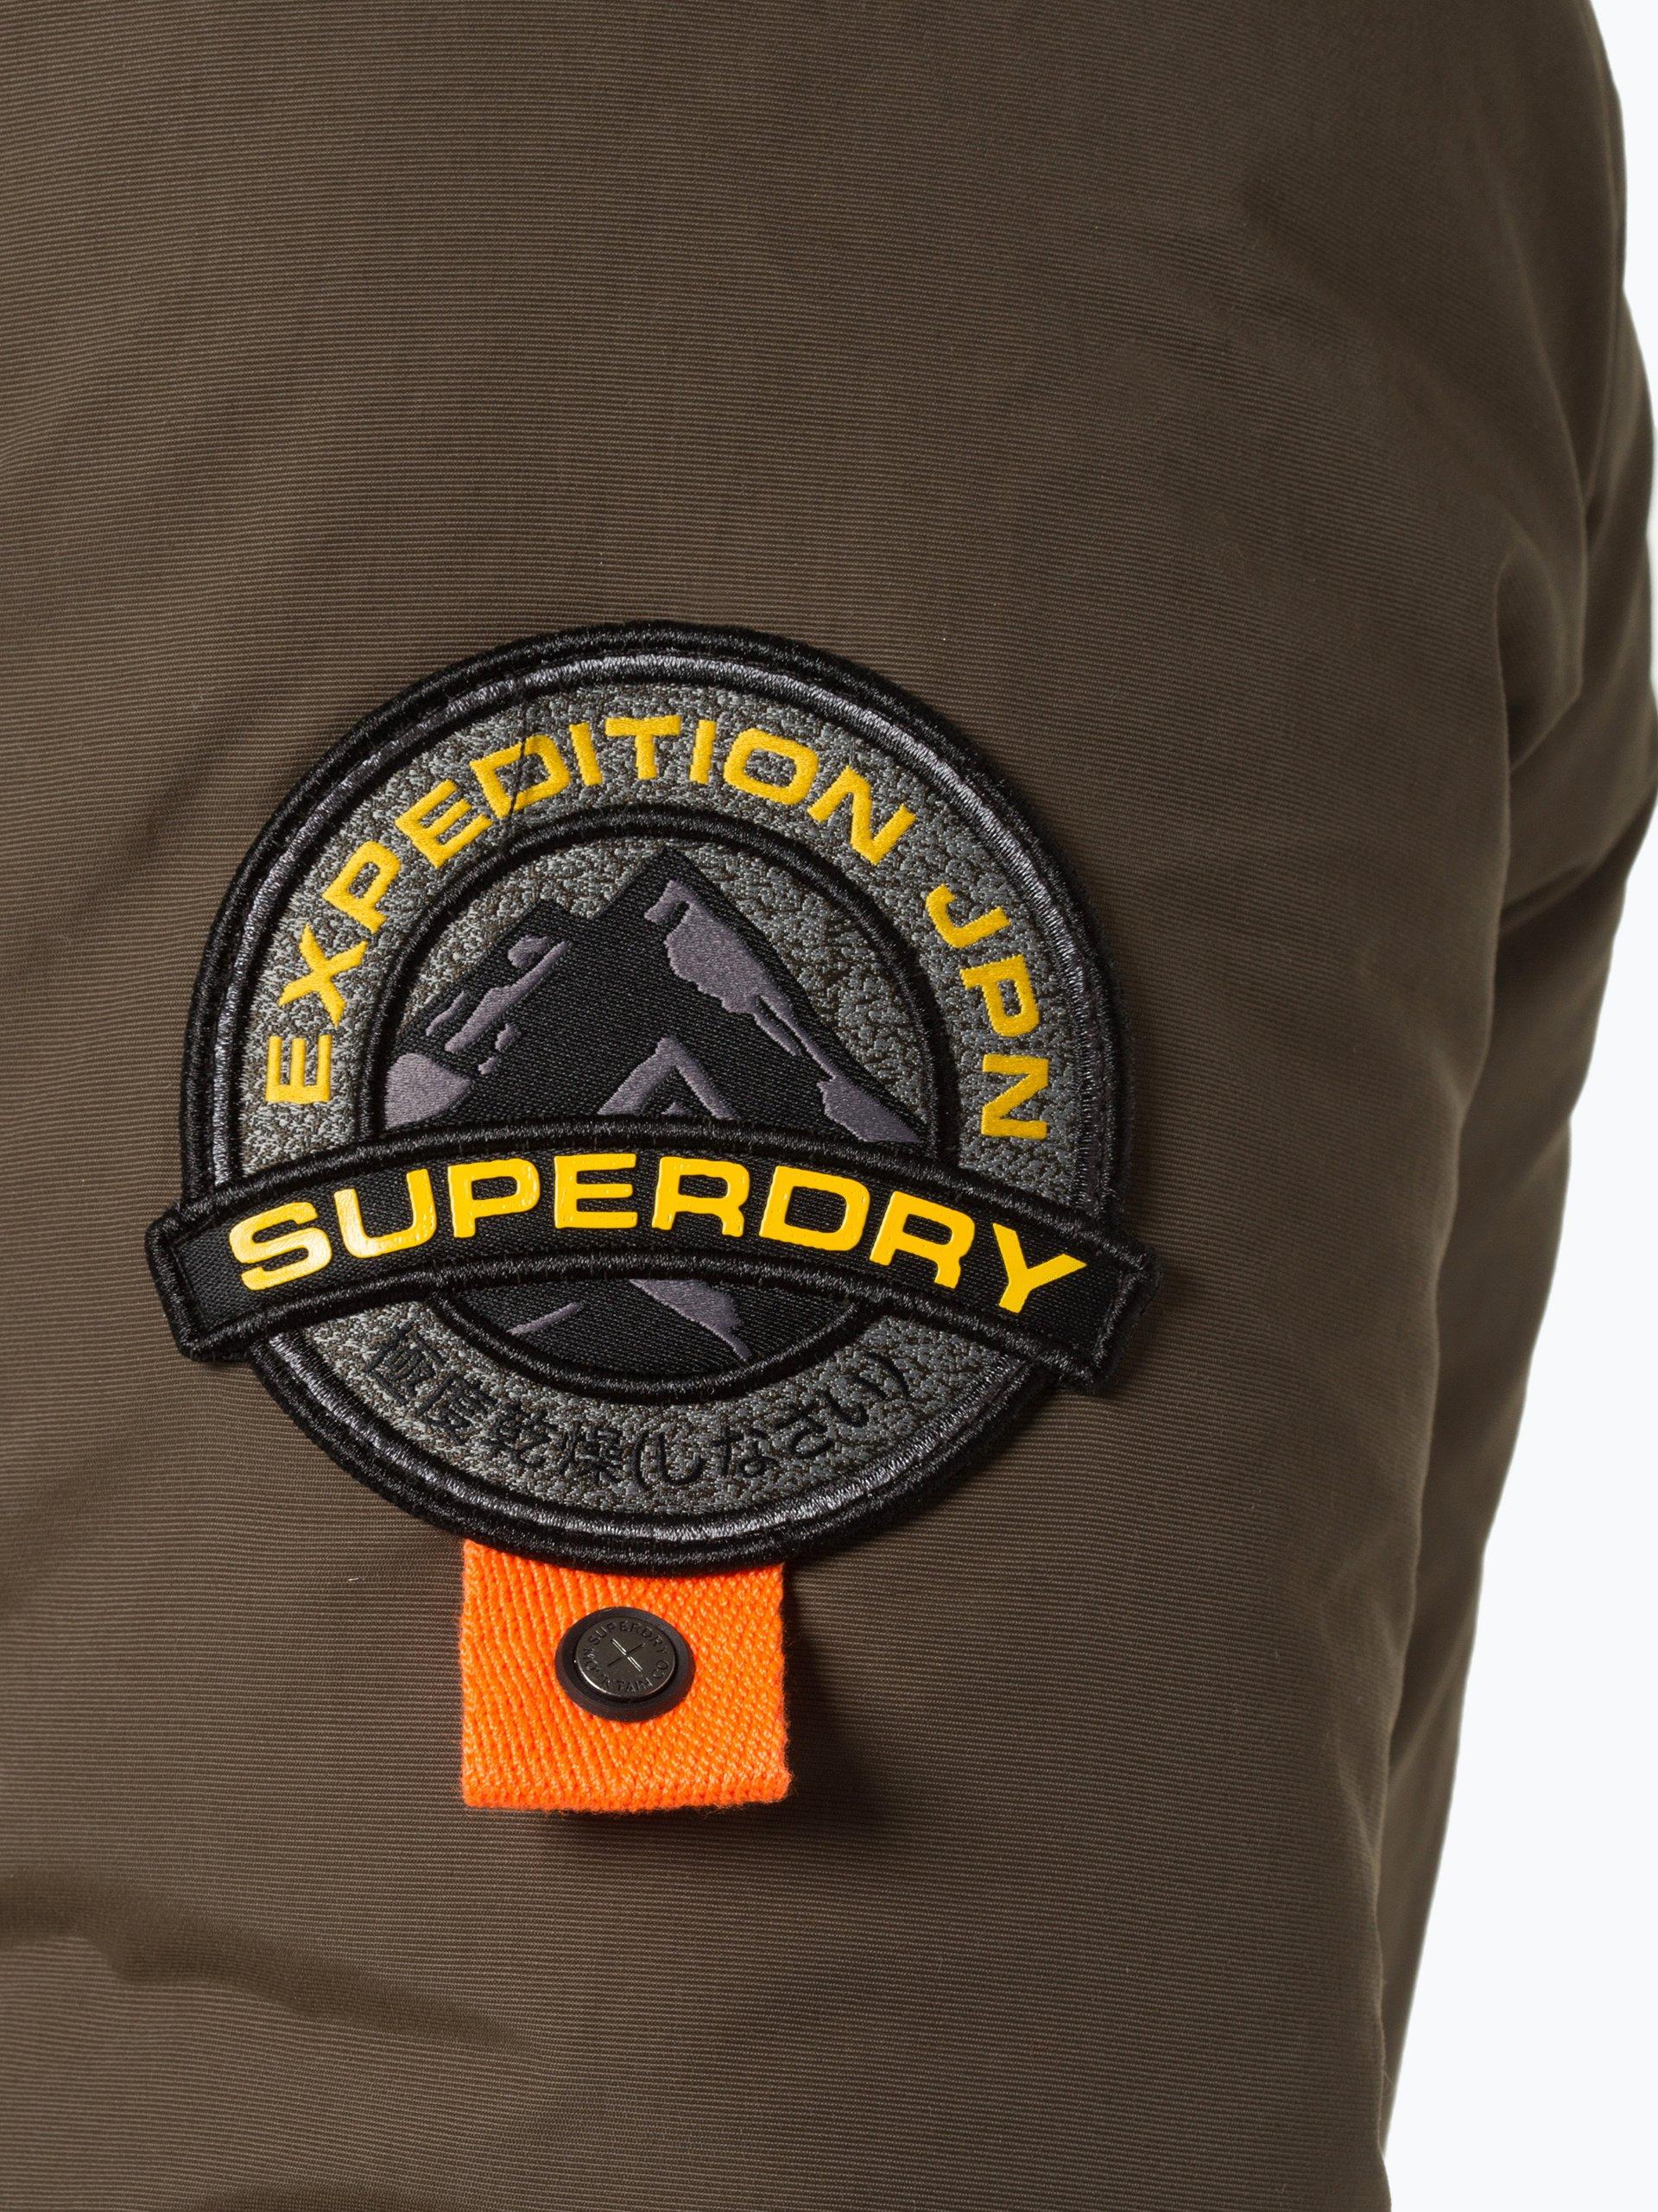 Superdry Herren Jacke